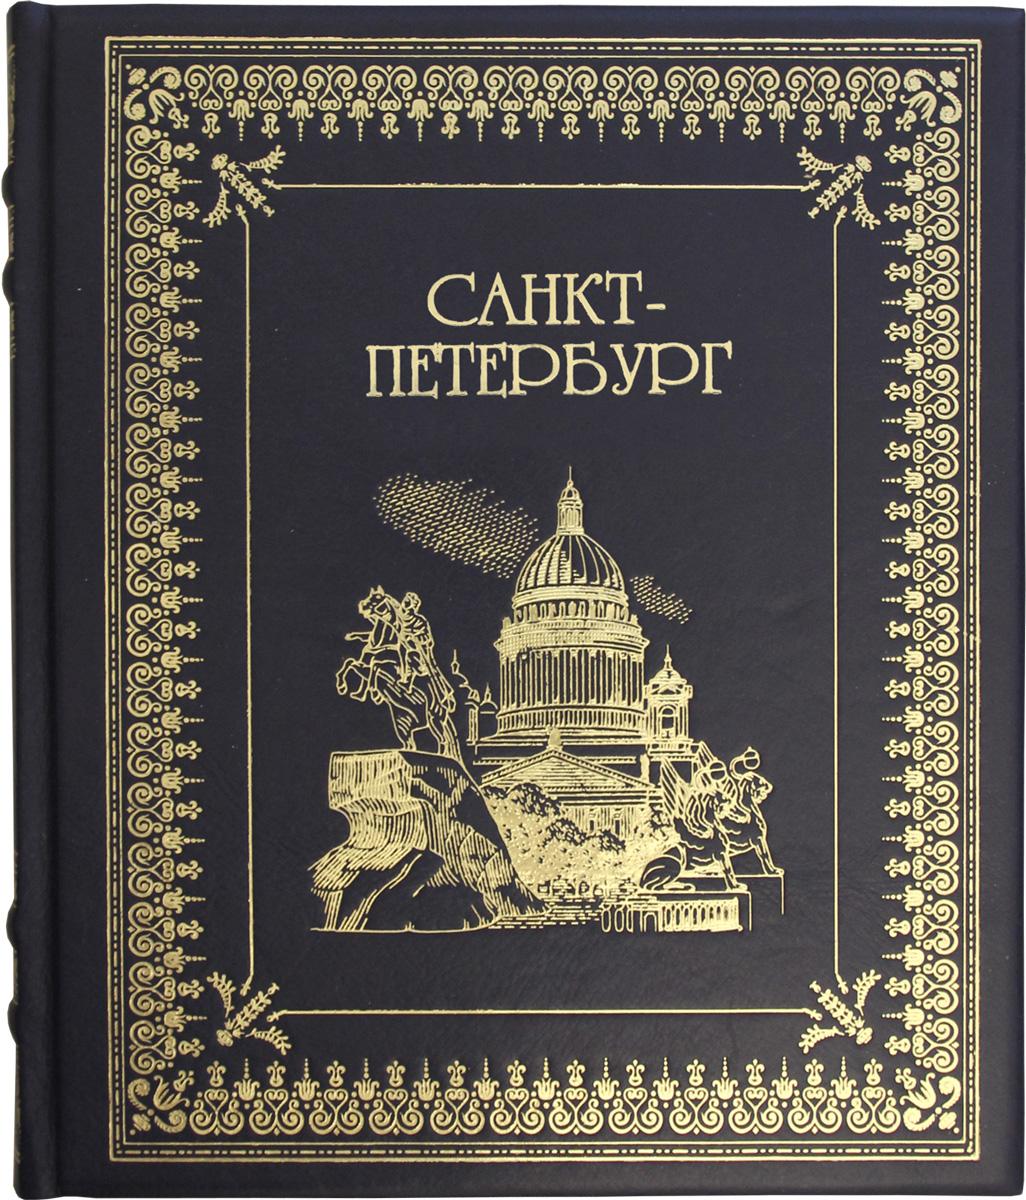 Фото - М. Ф. Альбедиль Санкт - Петербург (подарочное издание) санкт петербург картографический атлас подарочное издание